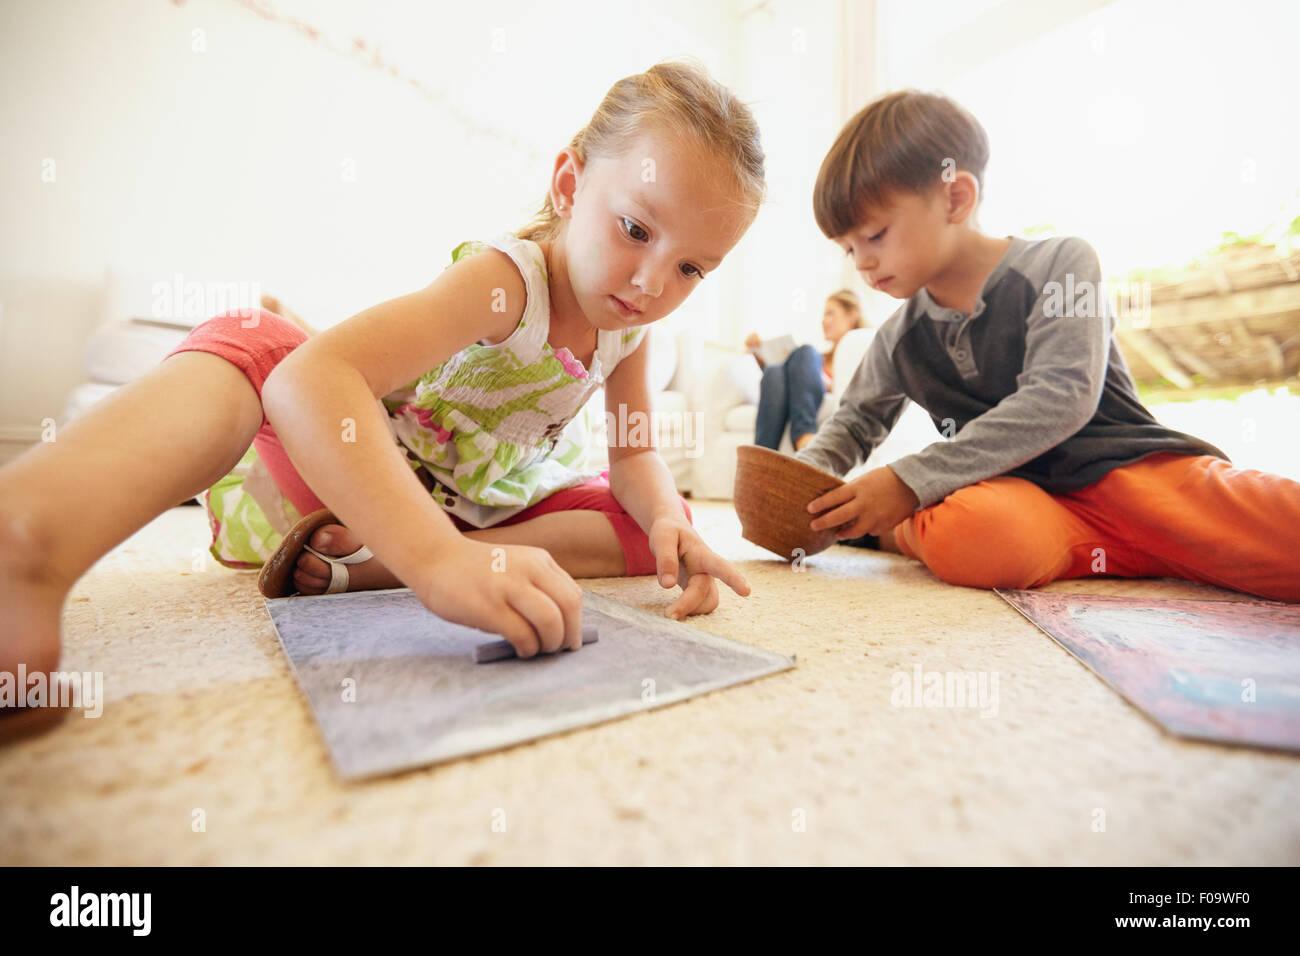 Little Boy y Girl colorear imágenes con colores de tiza en el suelo mientras está sentado en la sala de Imagen De Stock